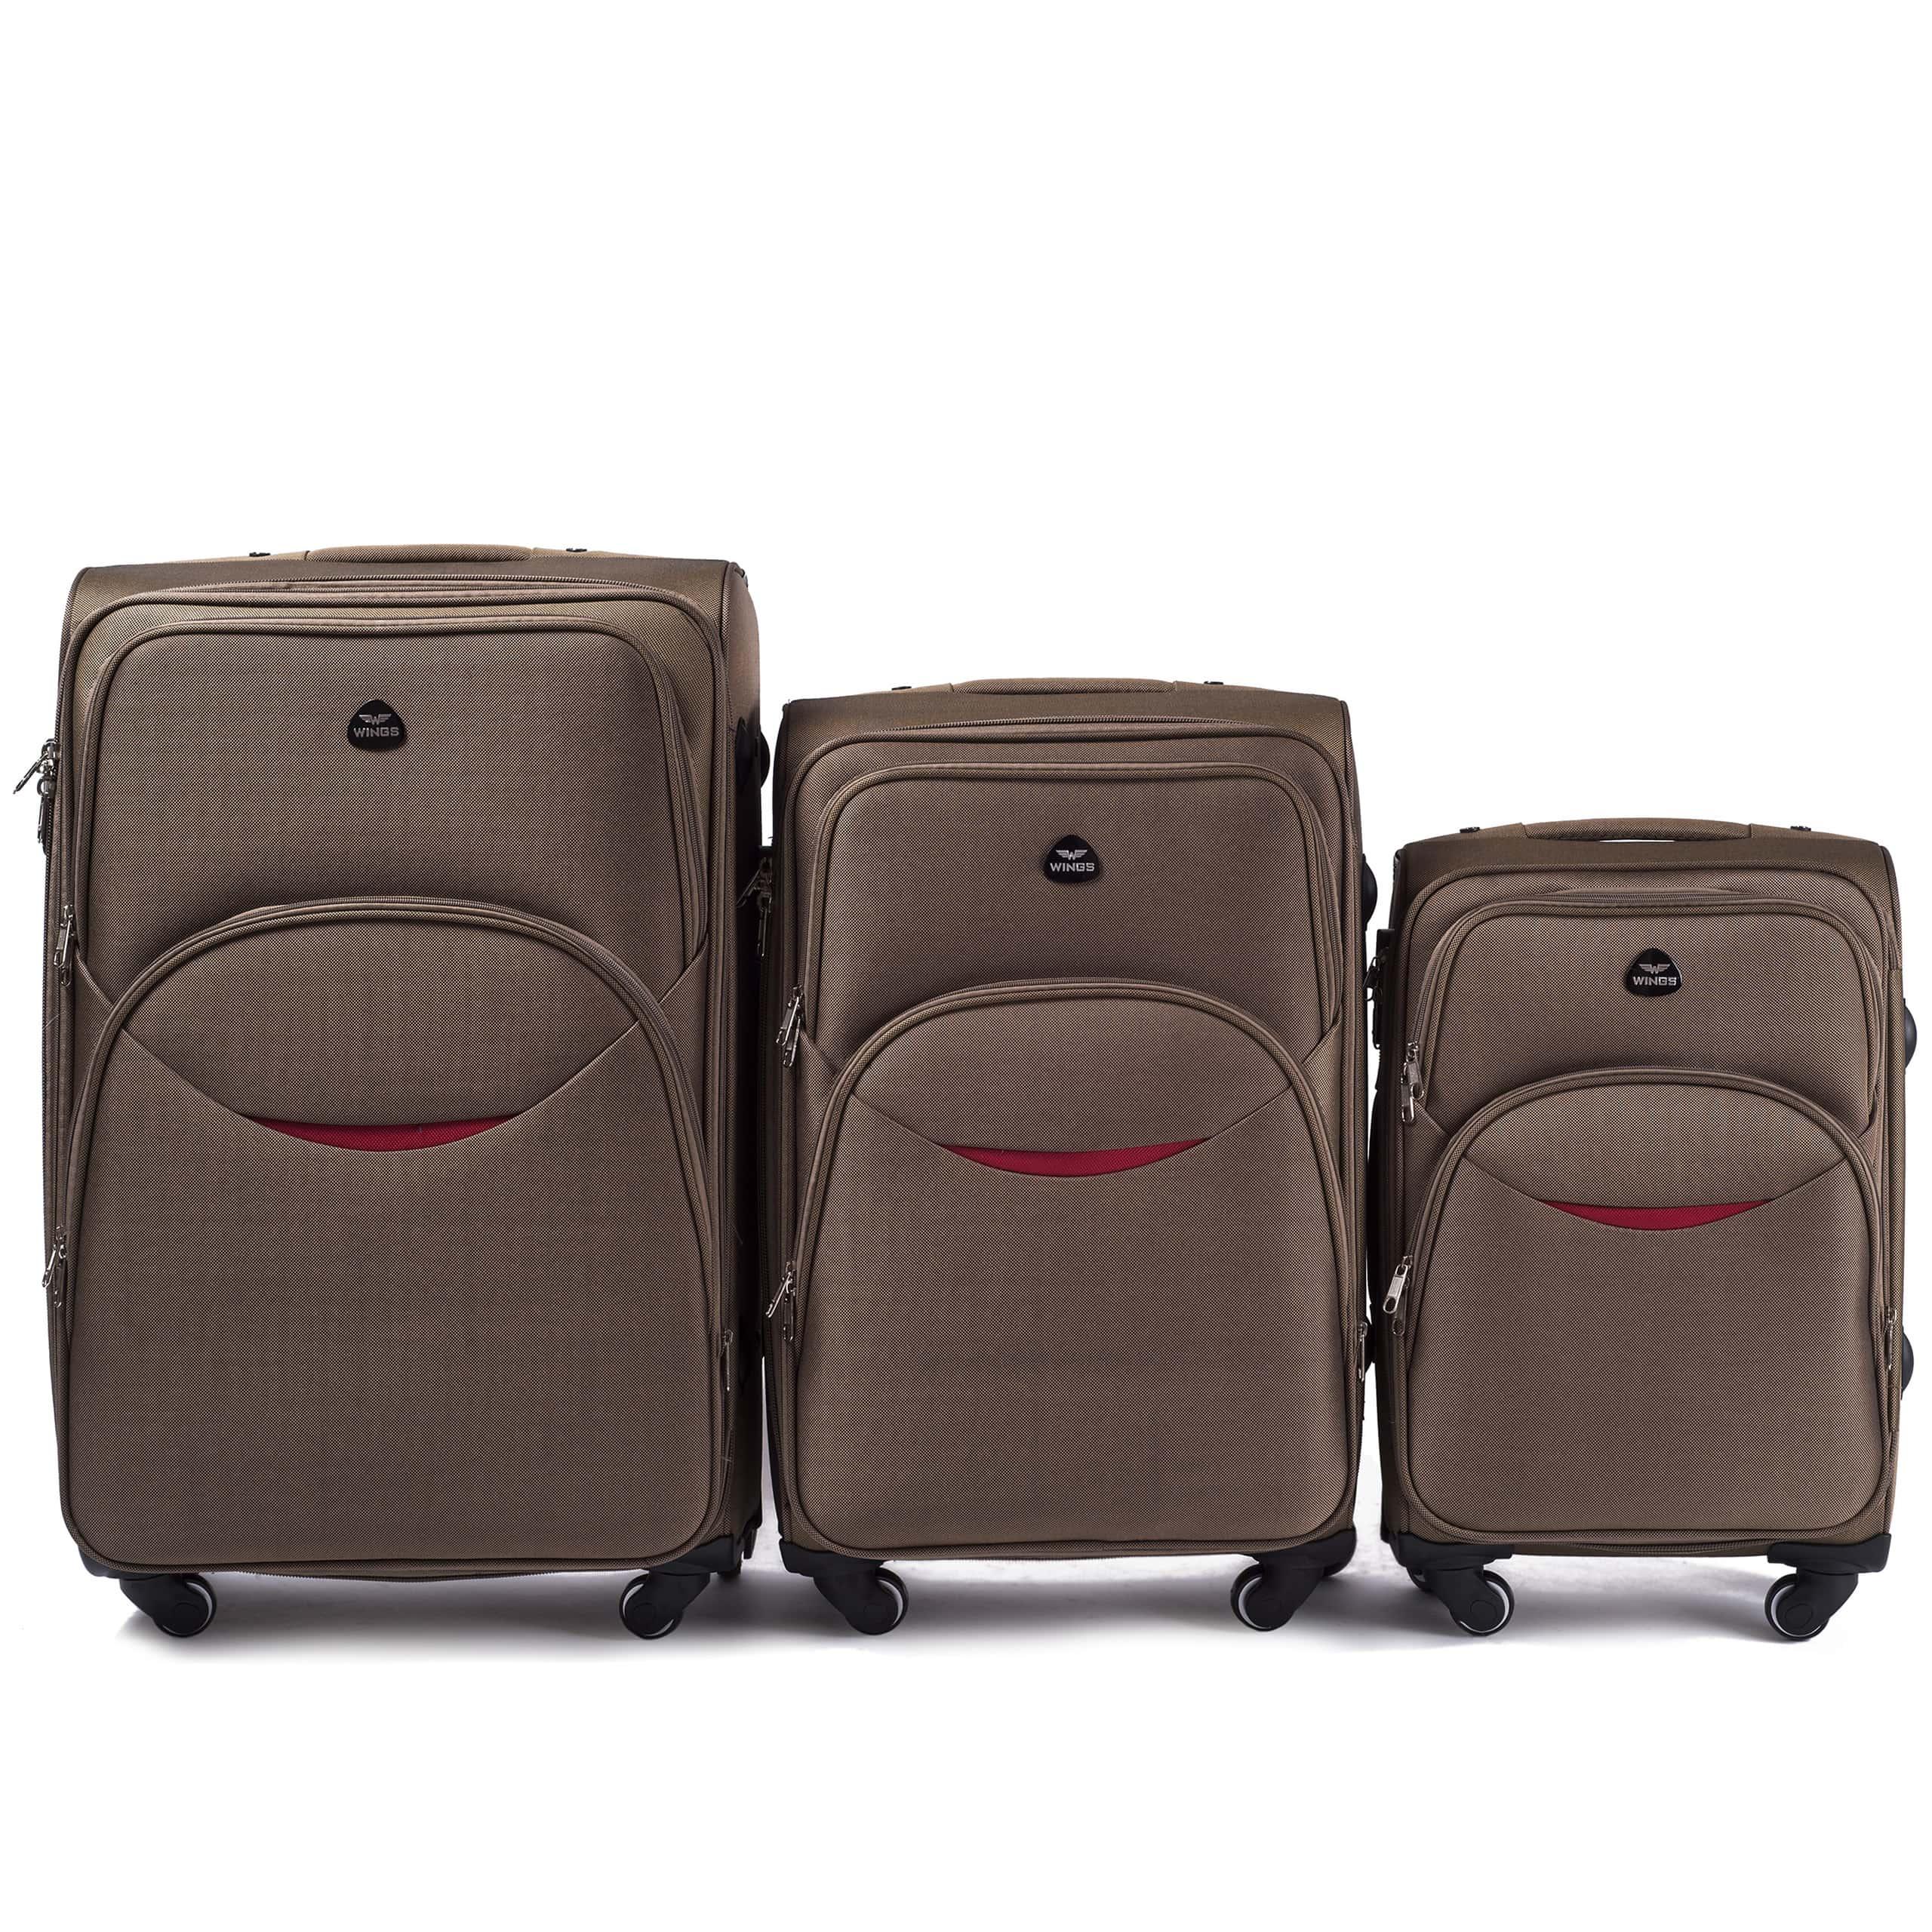 Комплект чемоданов из Ткани! ПОЛЬСКИЕ  Ударостойкиe ! 1708-4 DOUBLE YELLOW